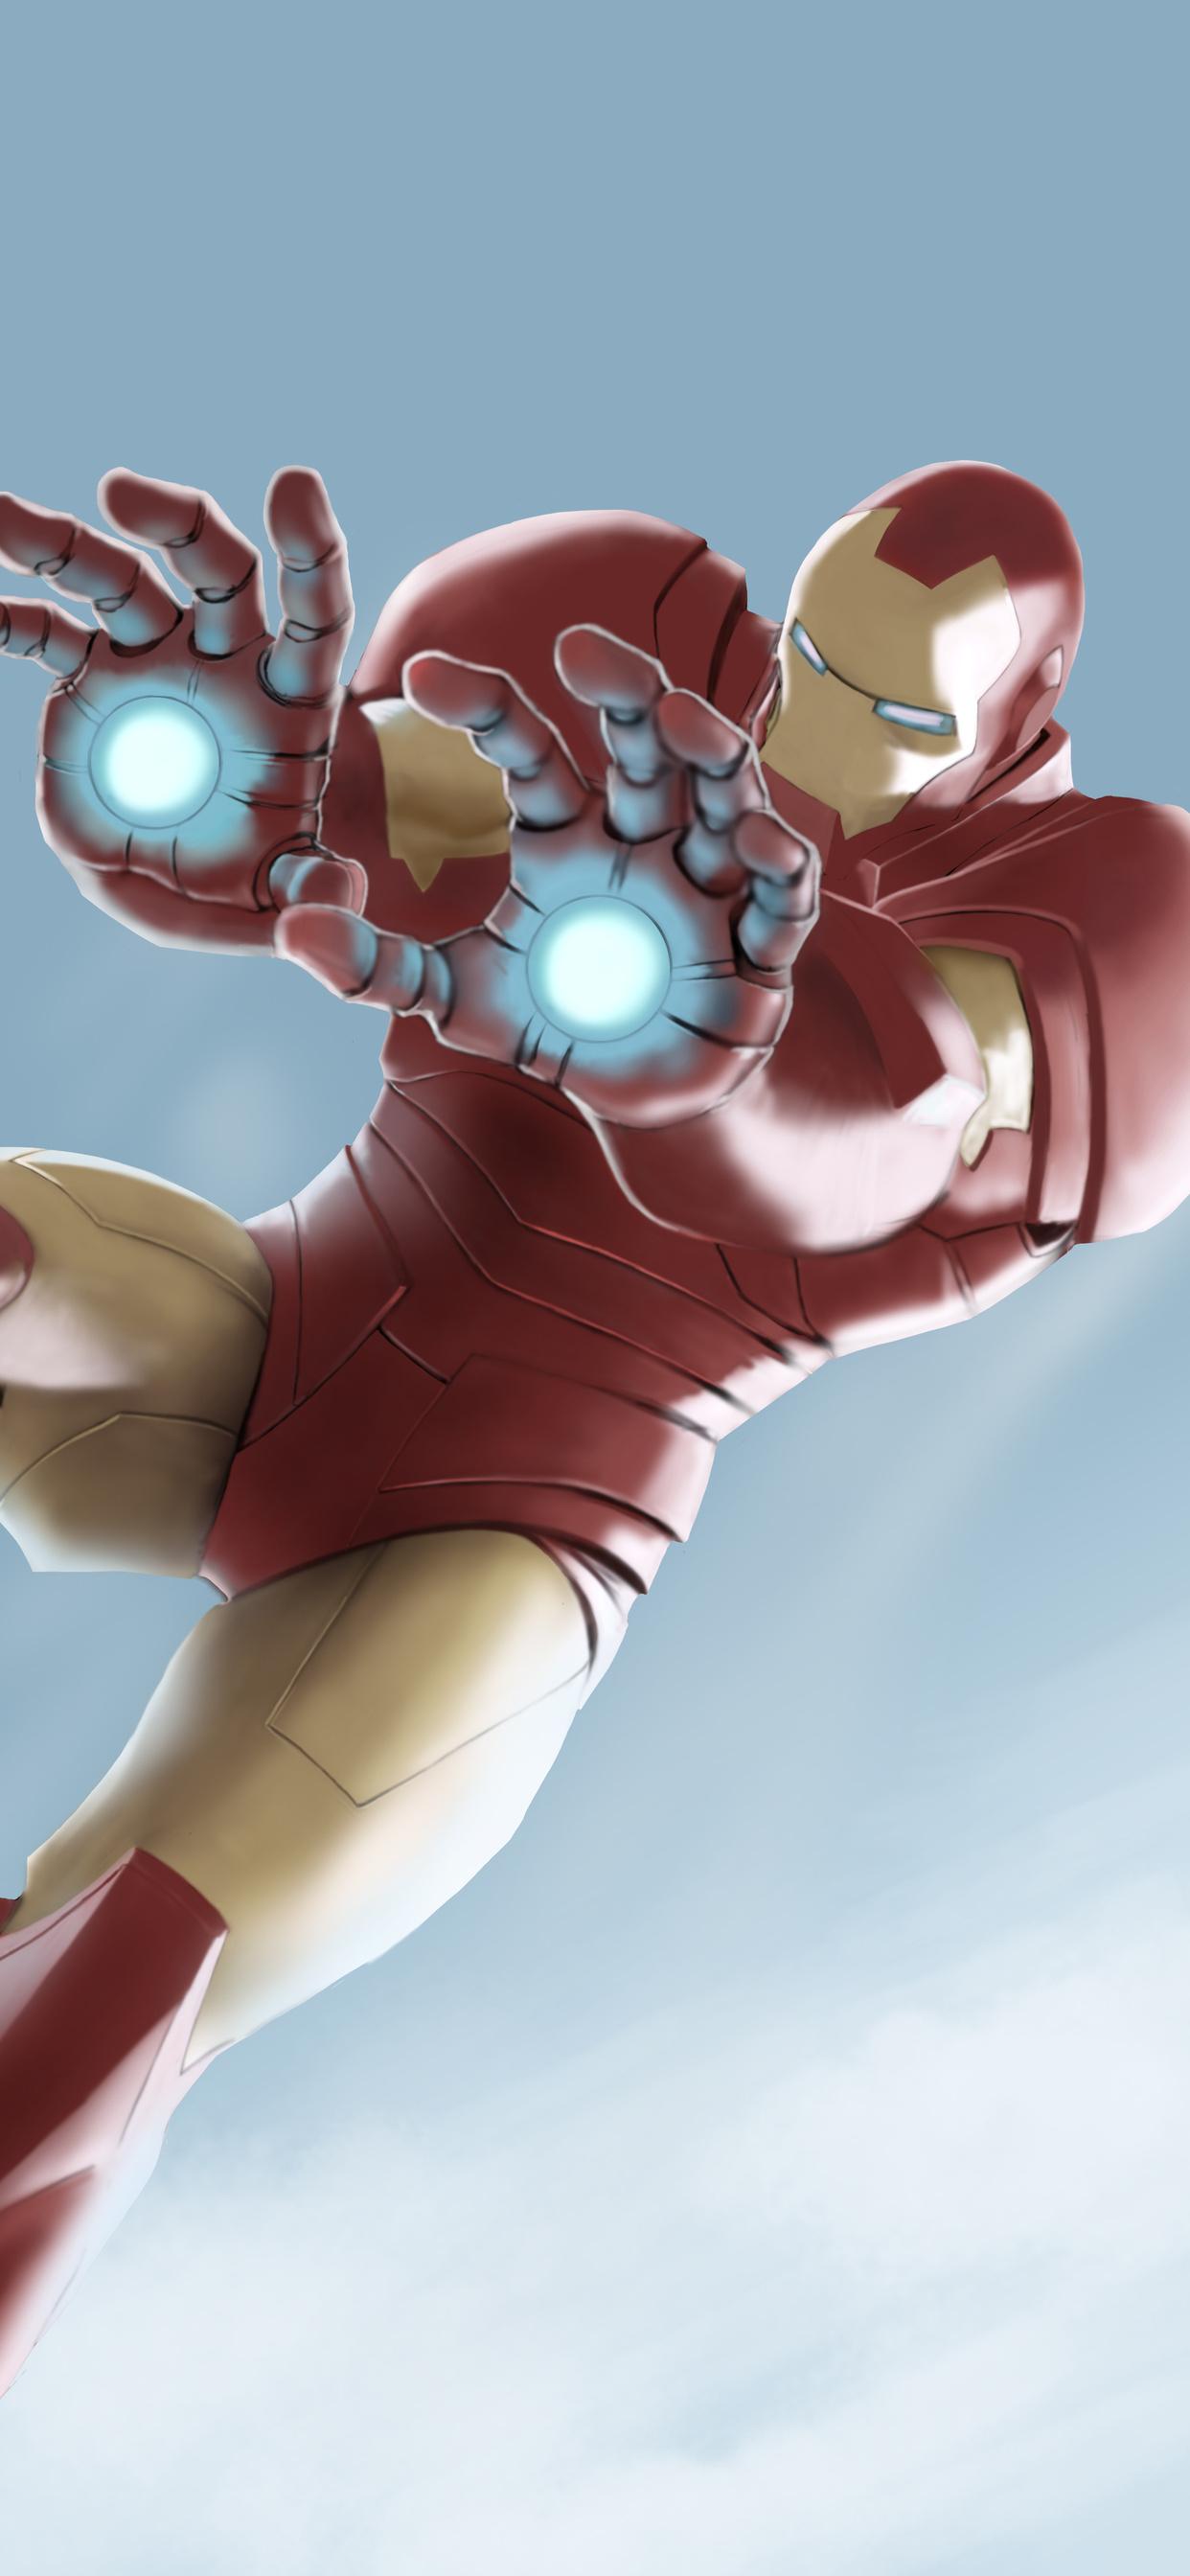 1242x2688 Iron Man Hulk Airborn 5k Iphone Xs Max Hd 4k